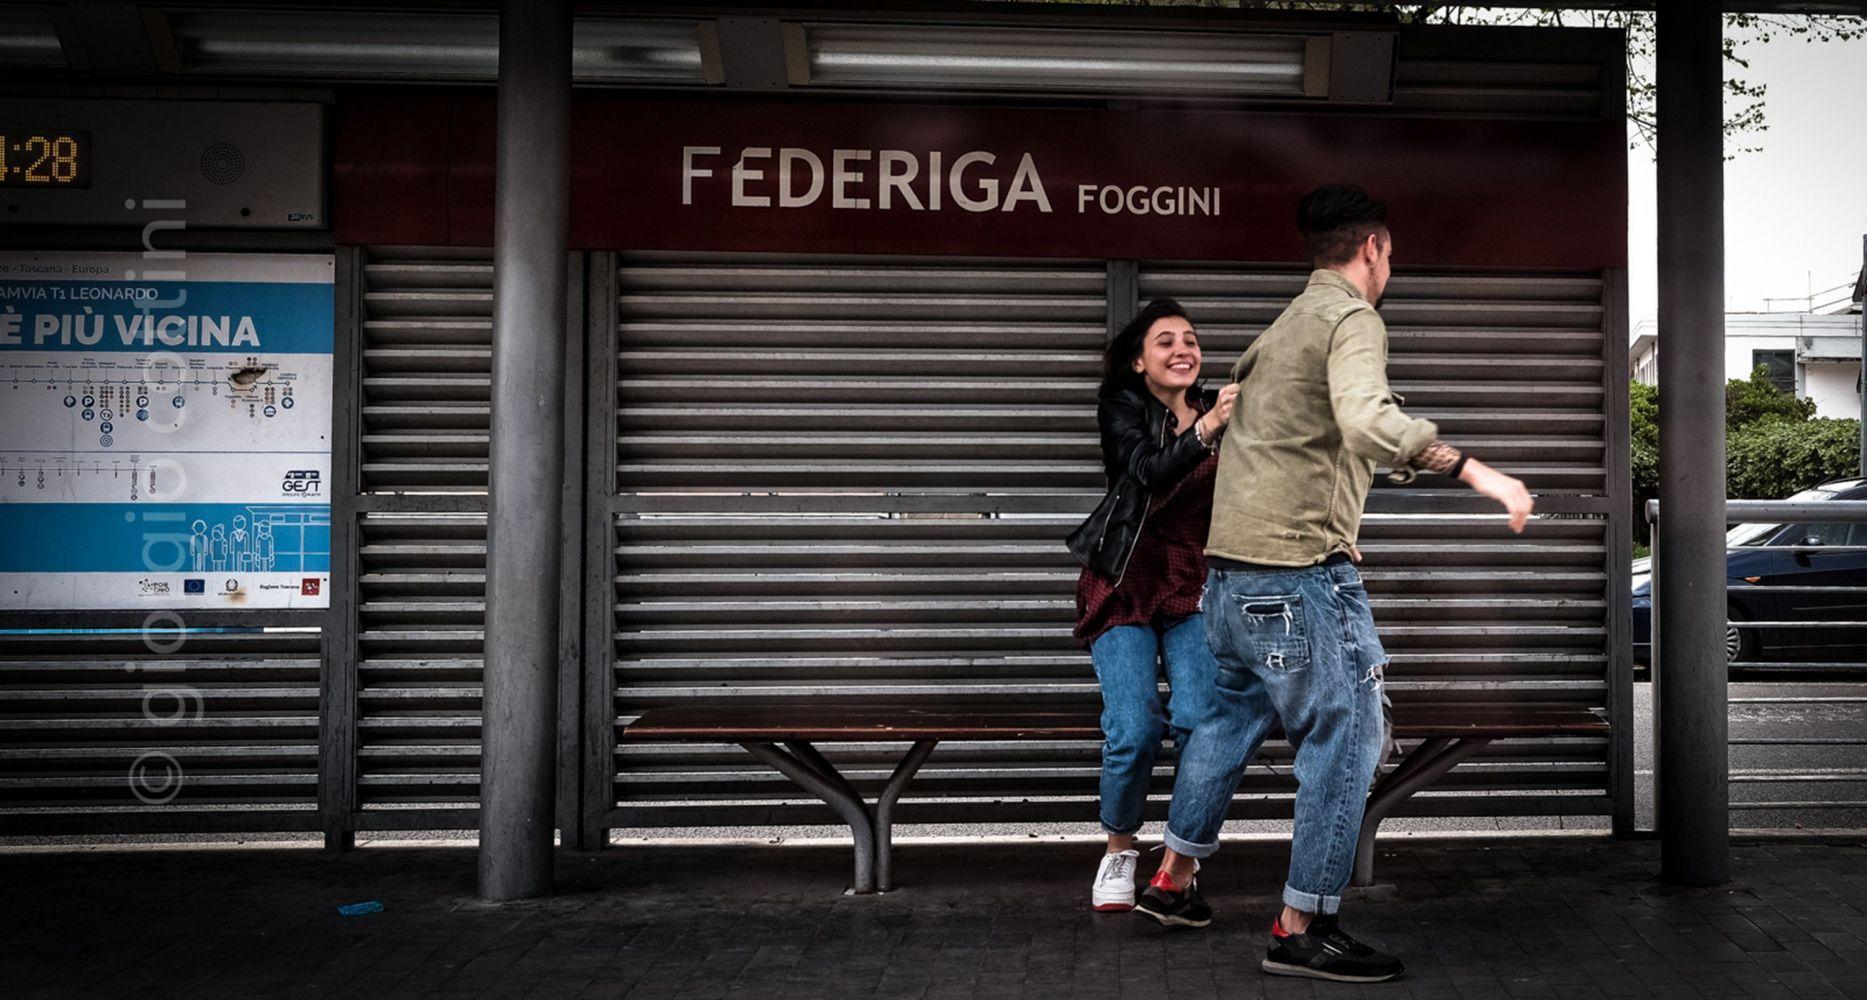 55-Giorgio Cottini--voglia di libertà--